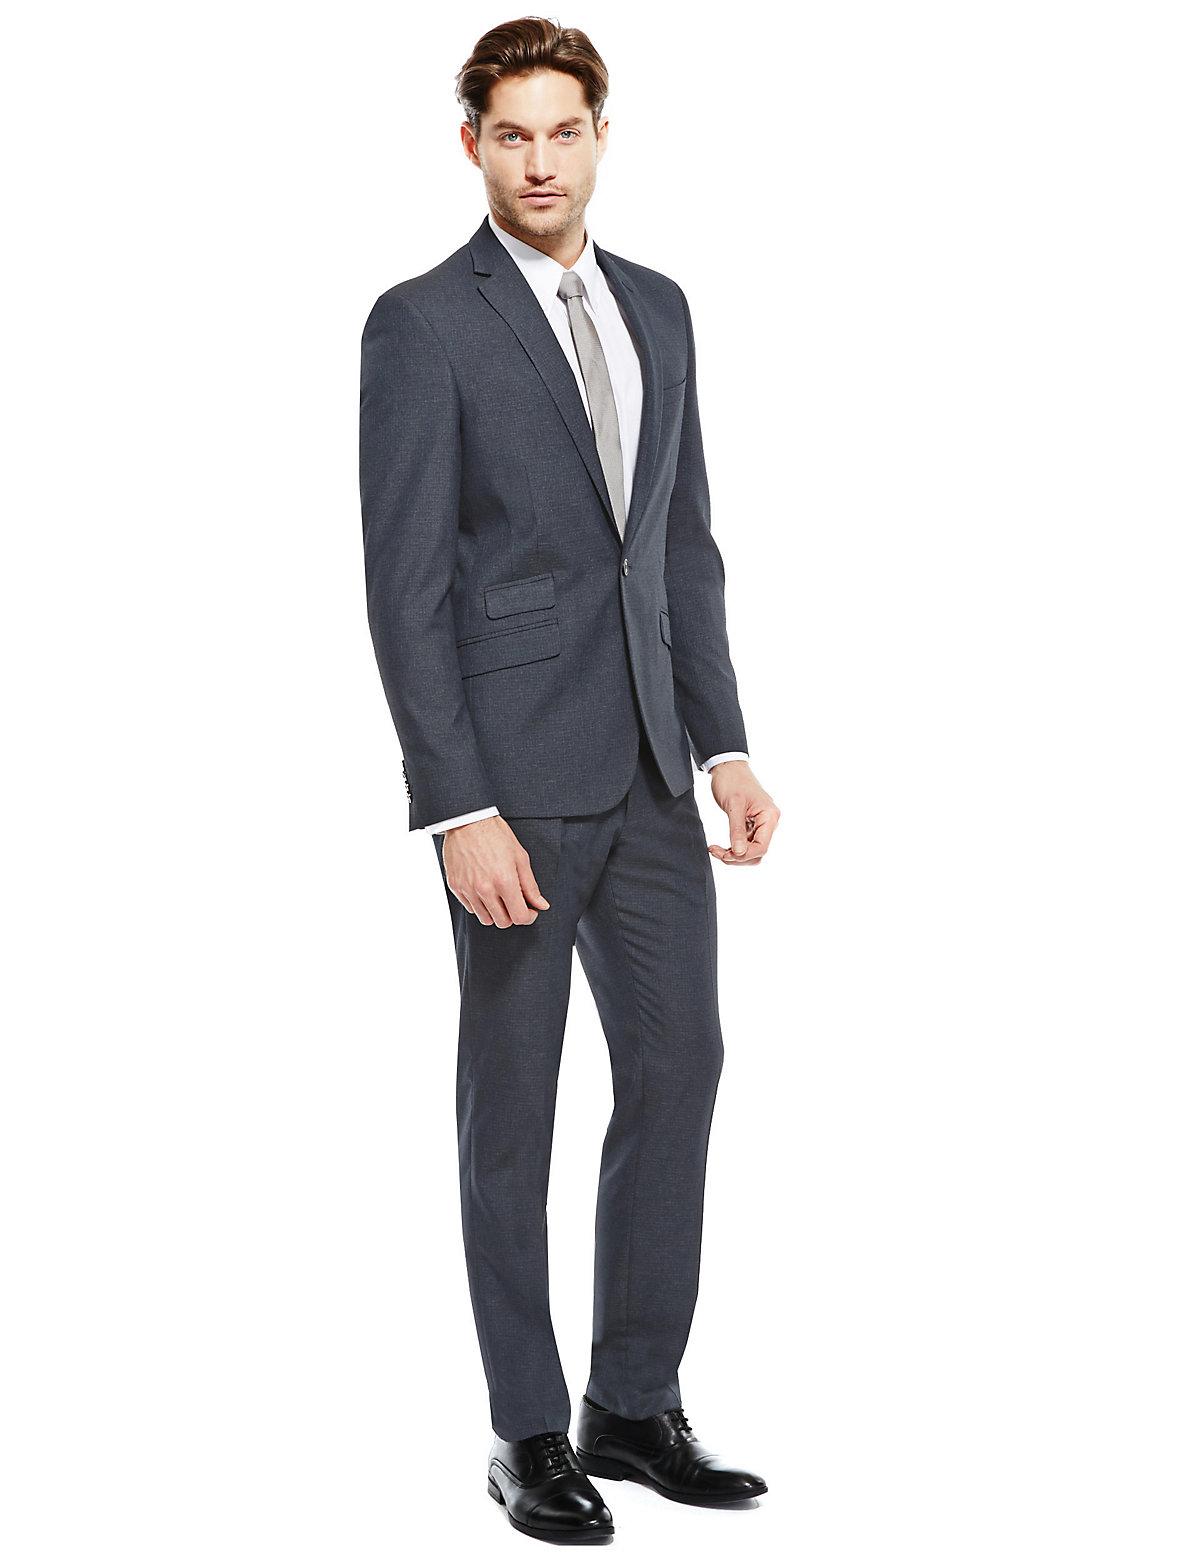 Top Quality M&S Blue Super Slim Fit Suit For £99